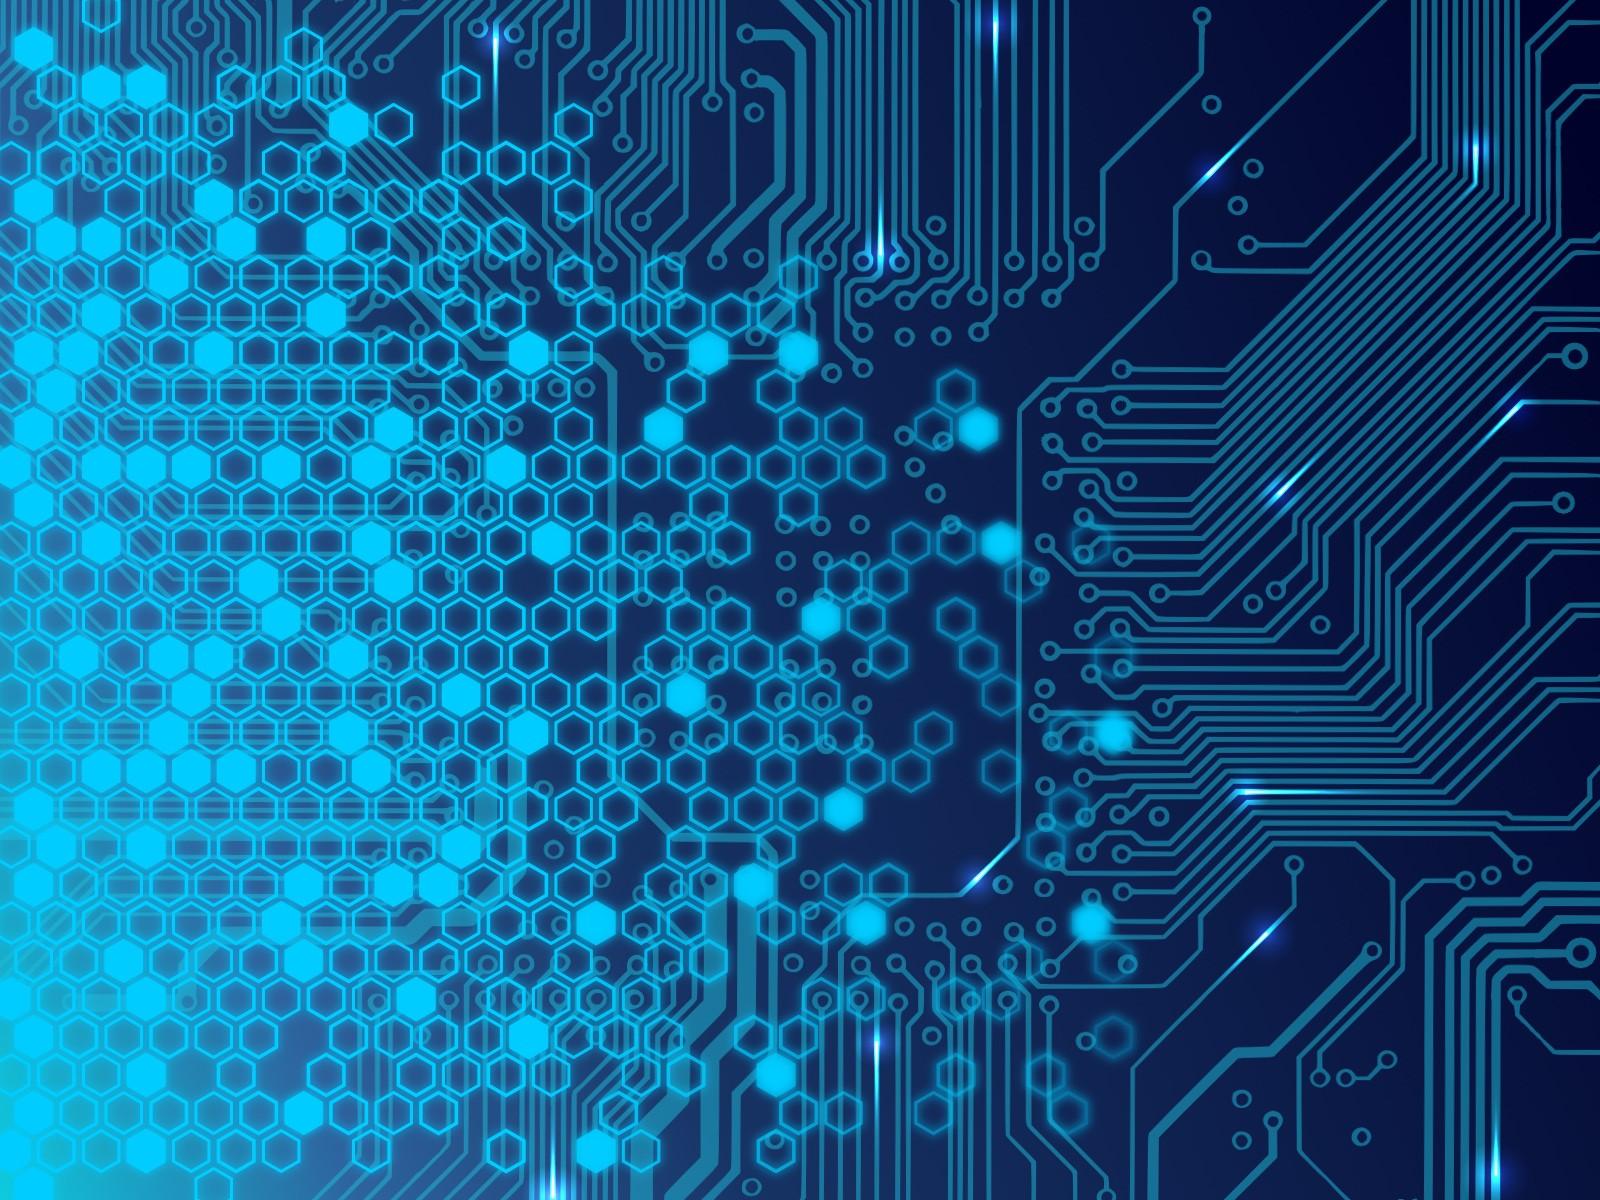 avances tecnologicos los ultimos anos technologic advances Como ha cambiado nuestro entorno tecnológico en 30 años science & technology license asi será el futuro con los avances tecnologicos.